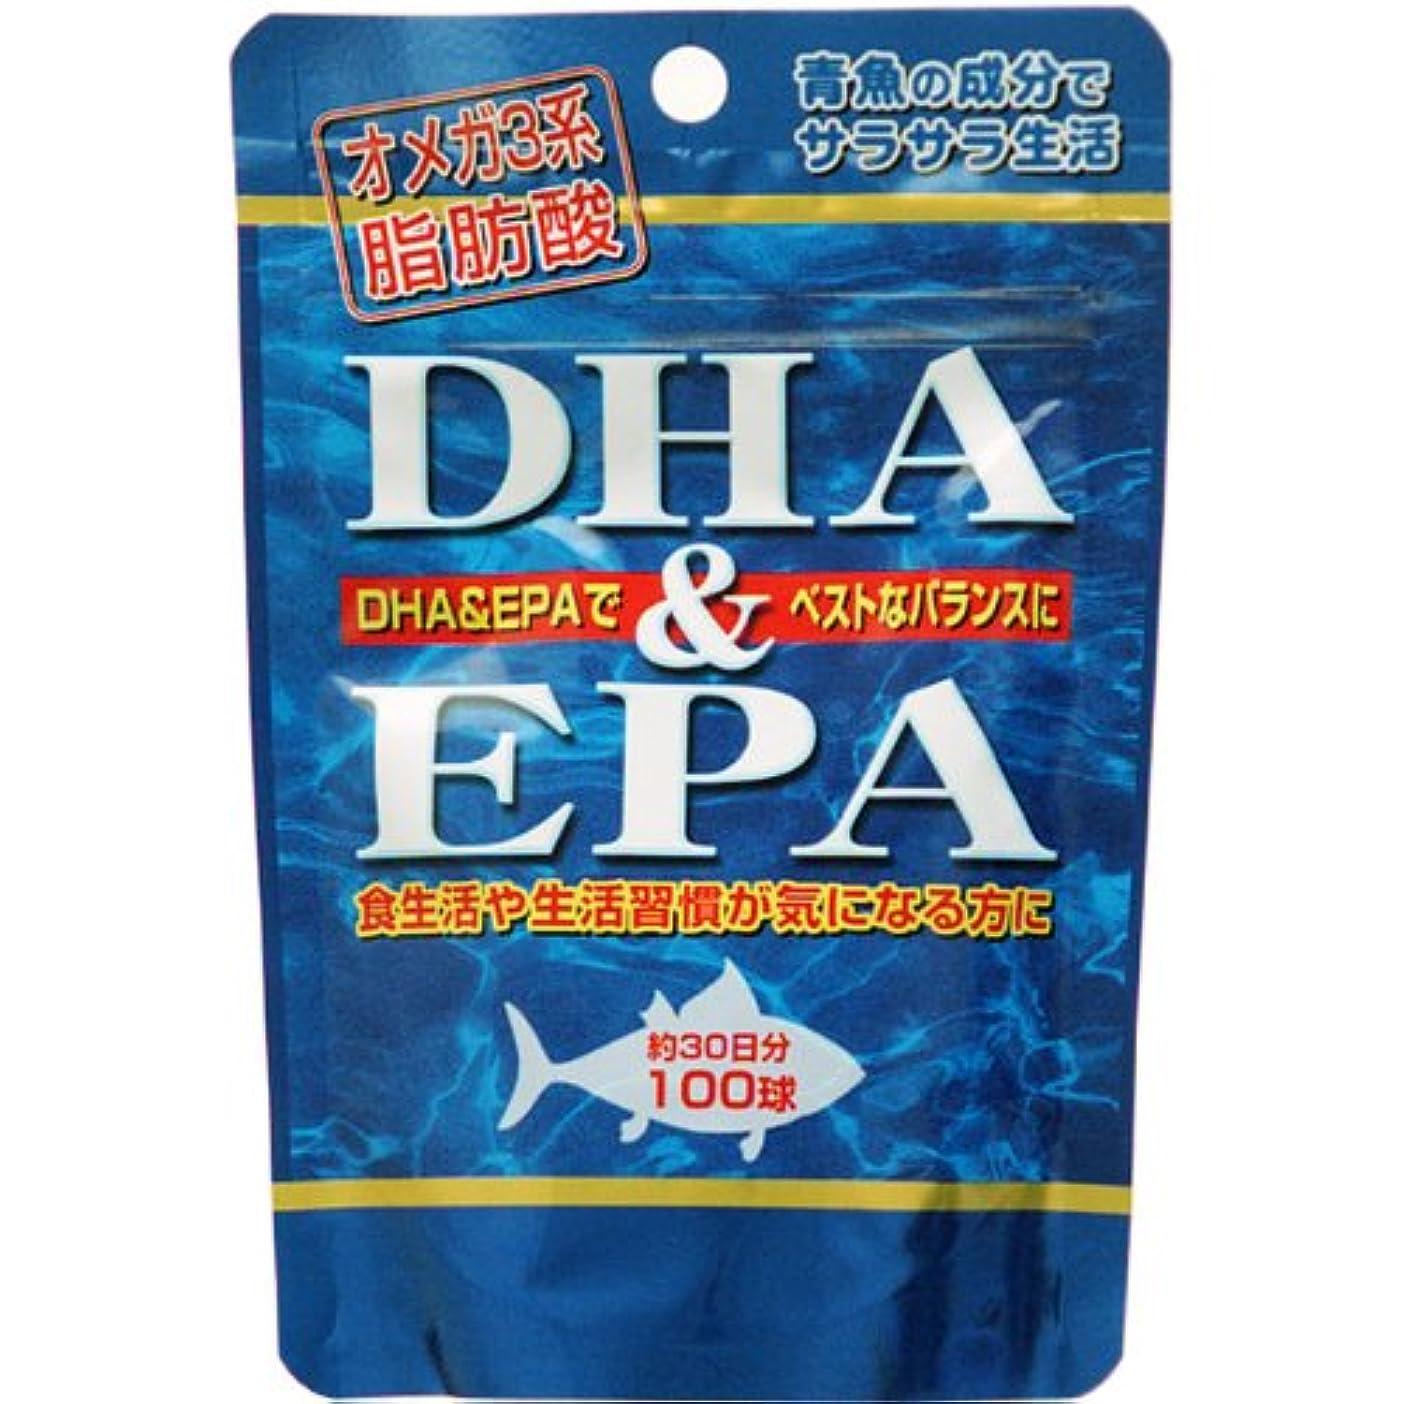 男怠つぶすDHA(ドコサヘキサエン酸)&EPA(エイコサペンタエン酸)×4